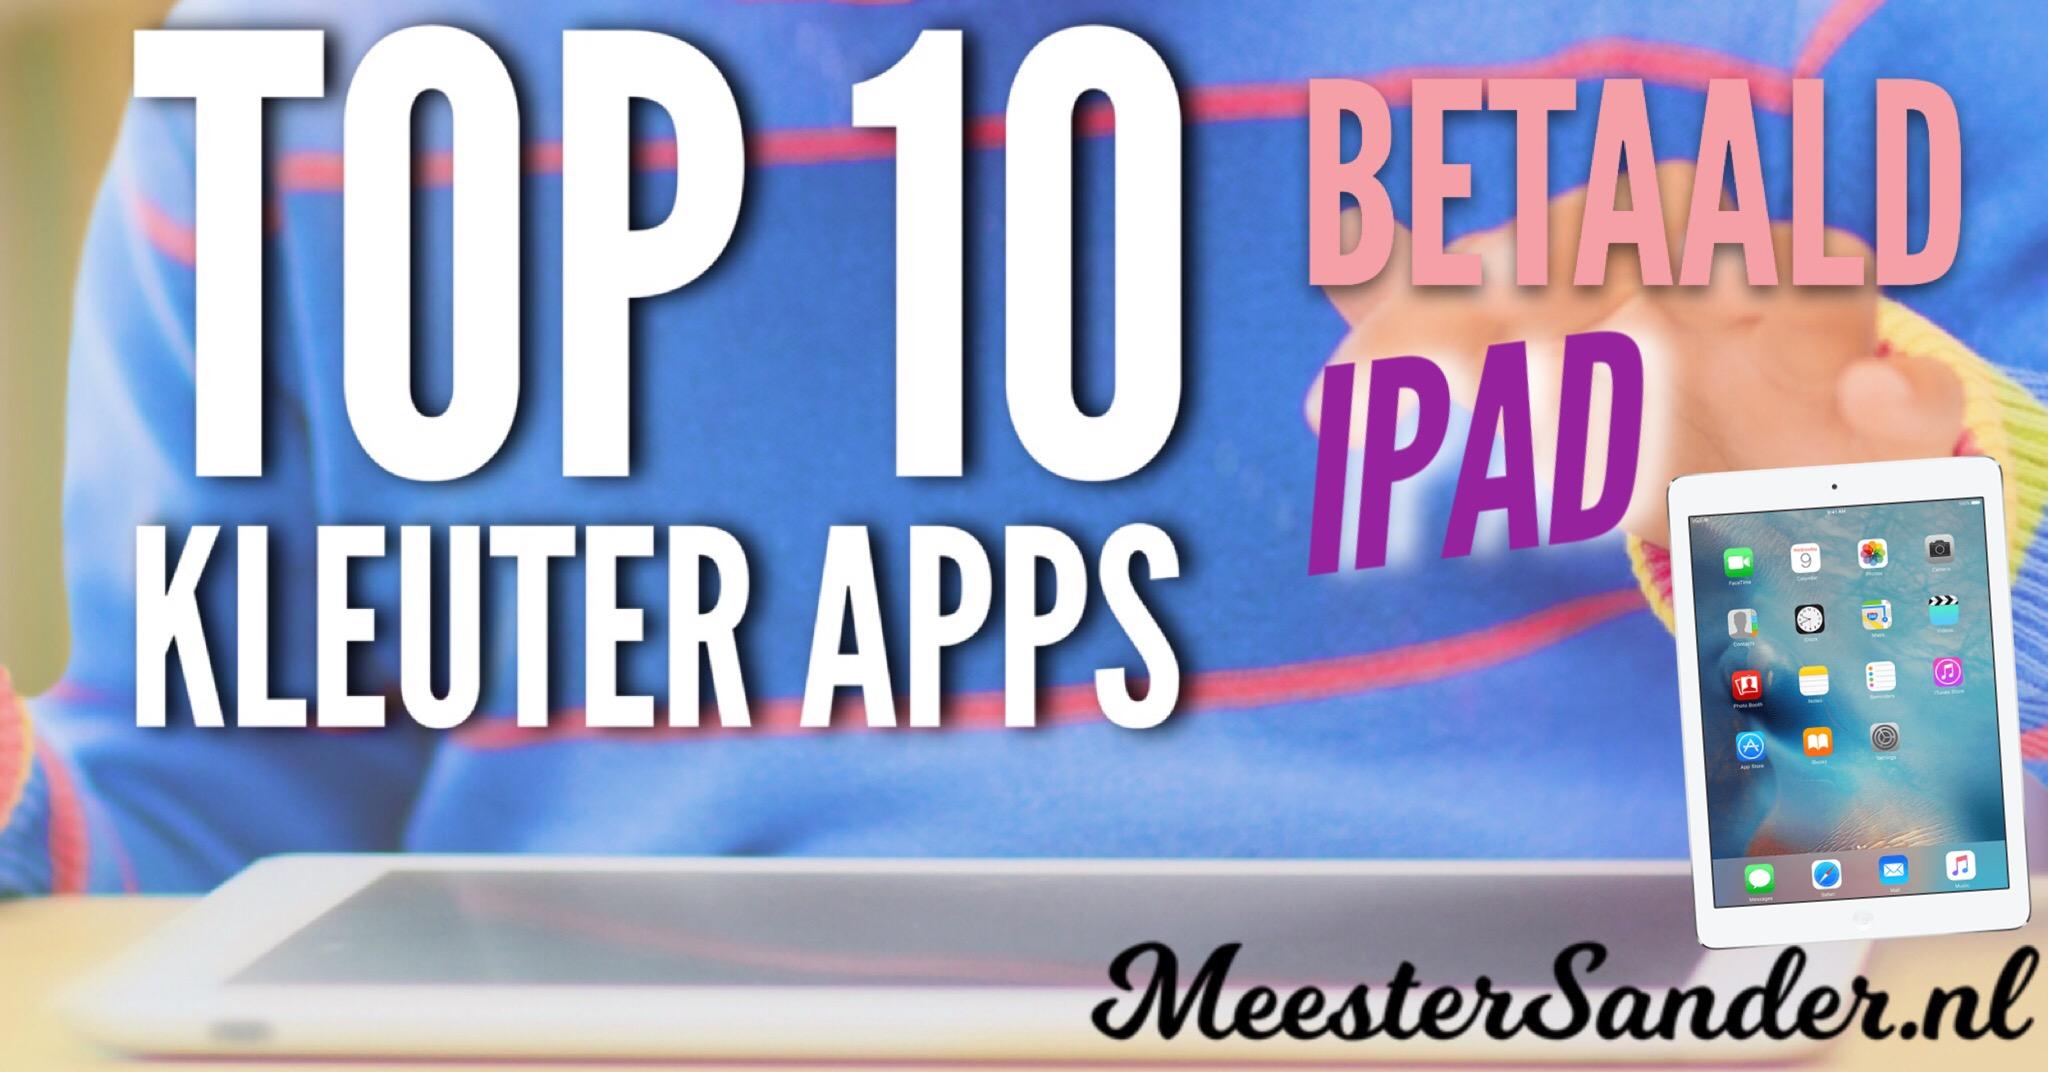 Top 10 kleuter apps iPad betaald